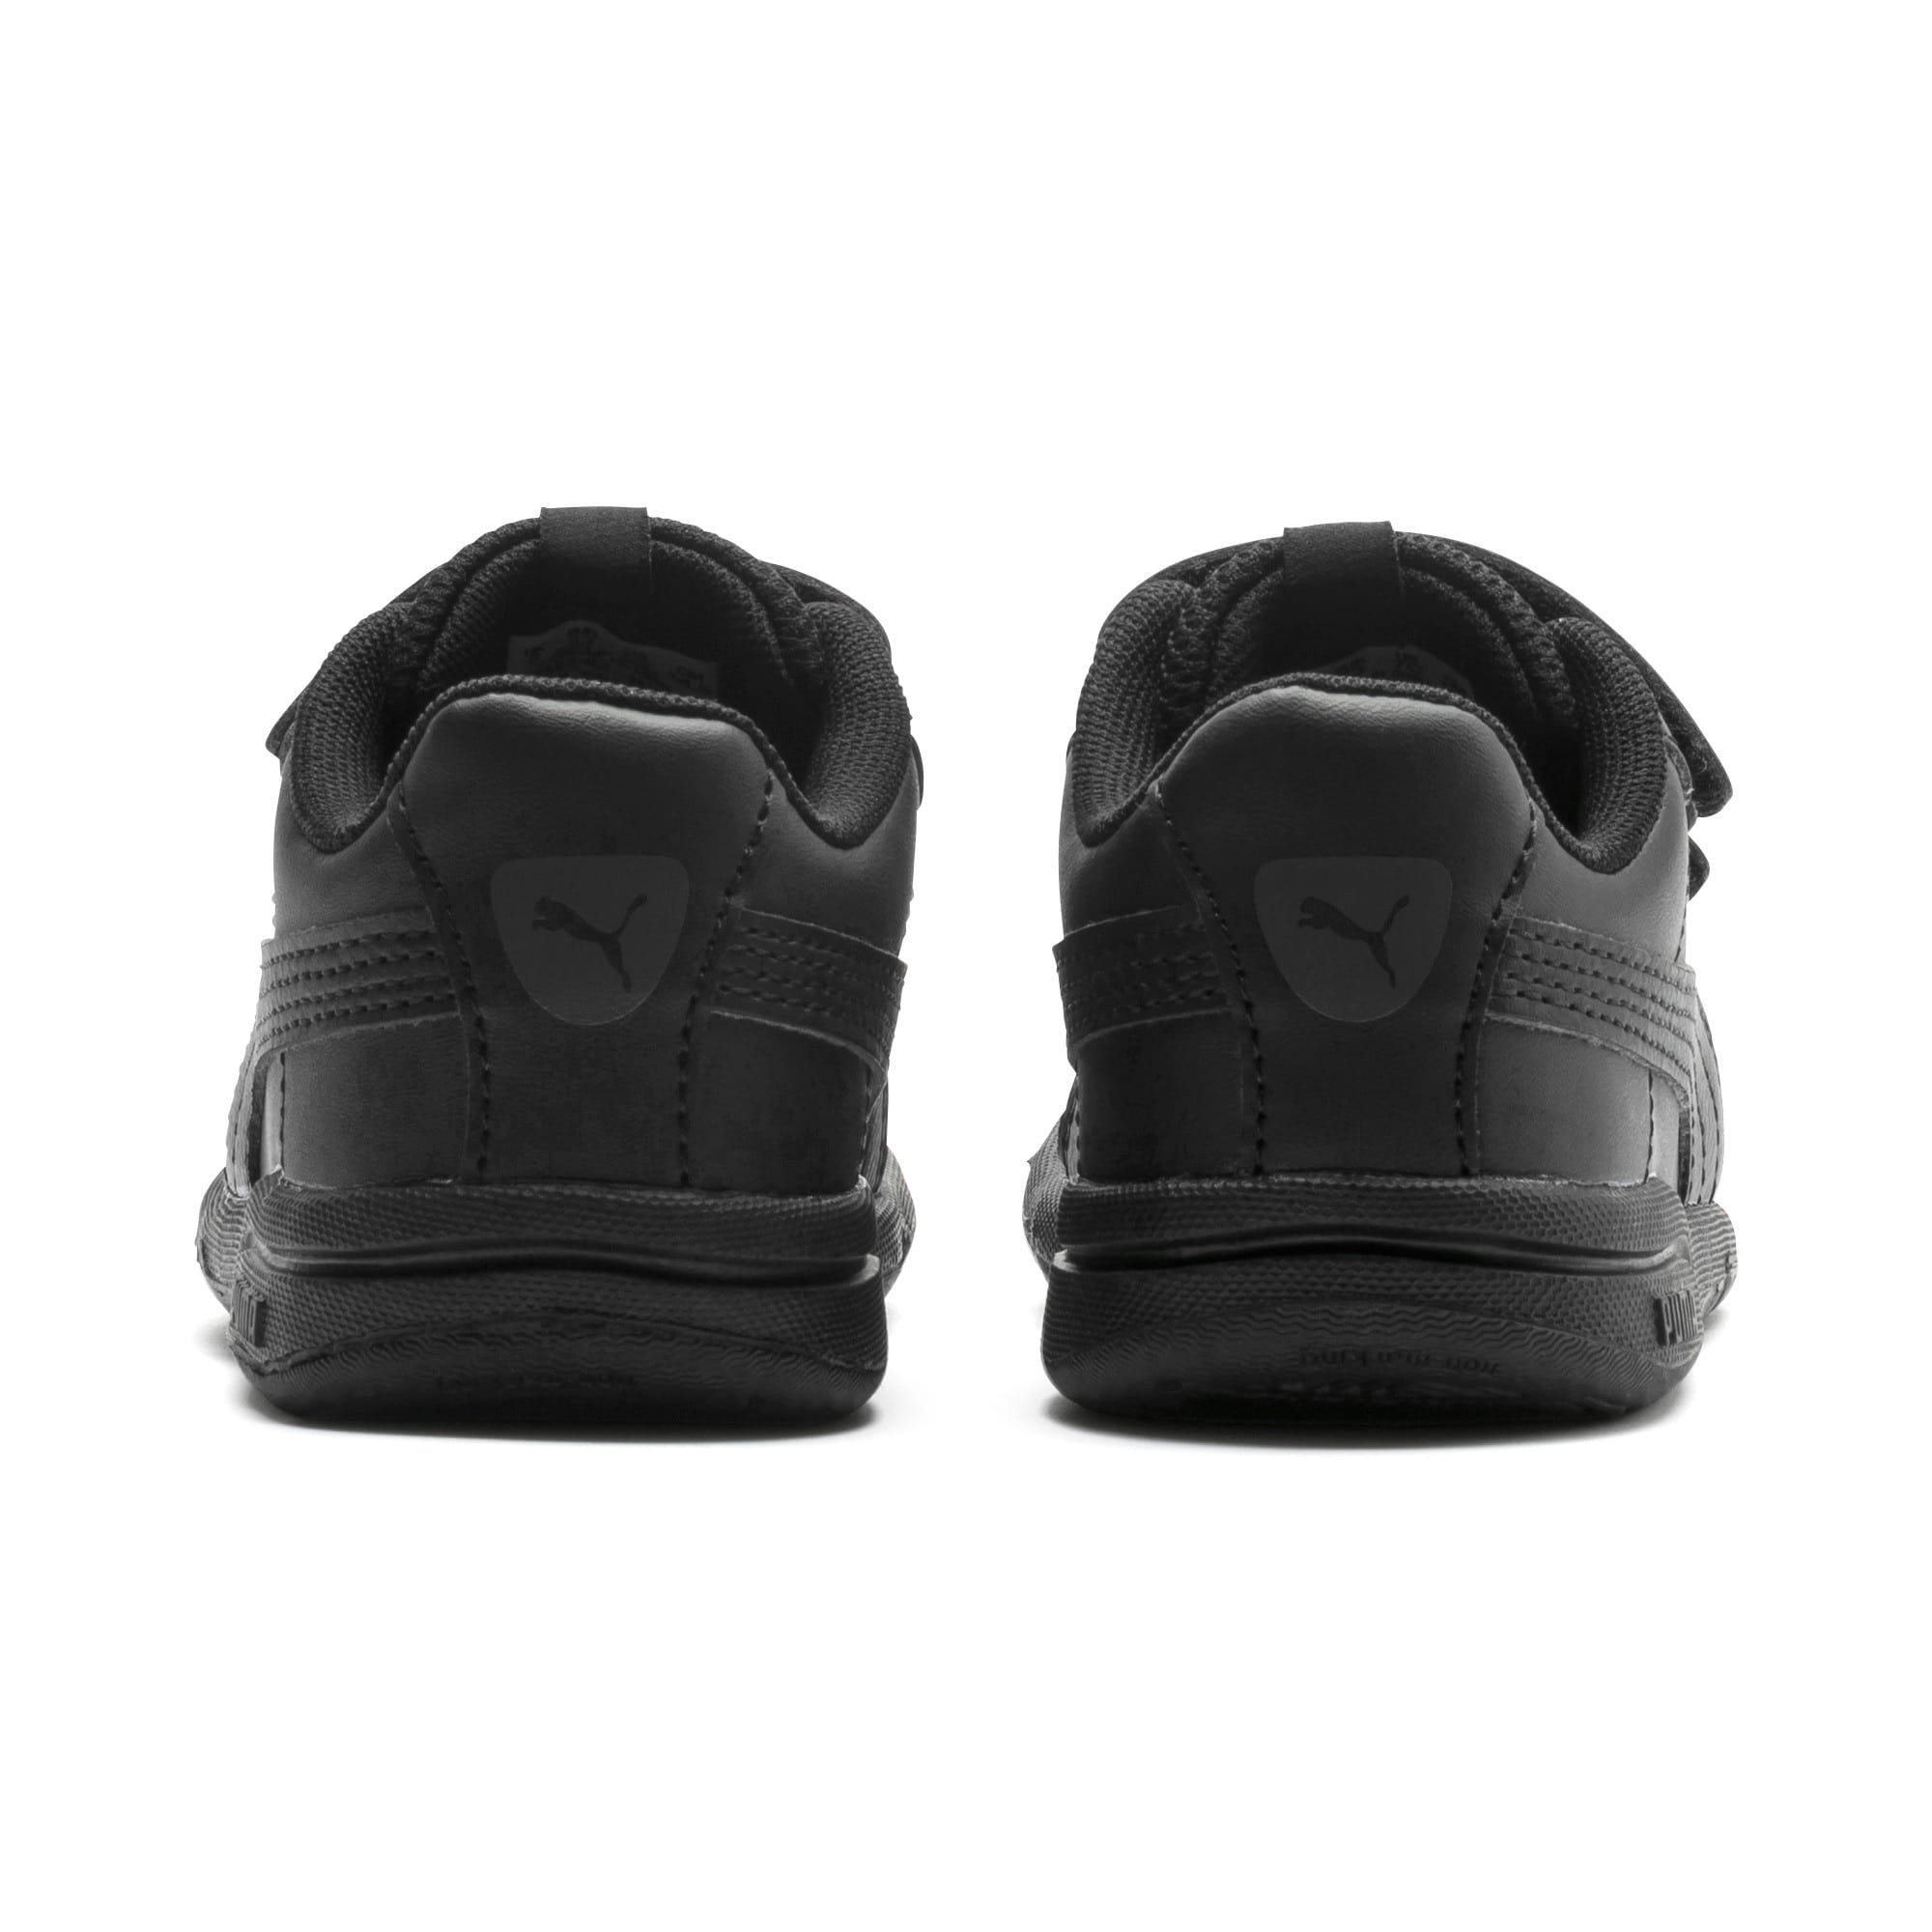 Thumbnail 3 of Stepfleex 2 SL VE V Babies' Trainers, Puma Black-Puma Black, medium